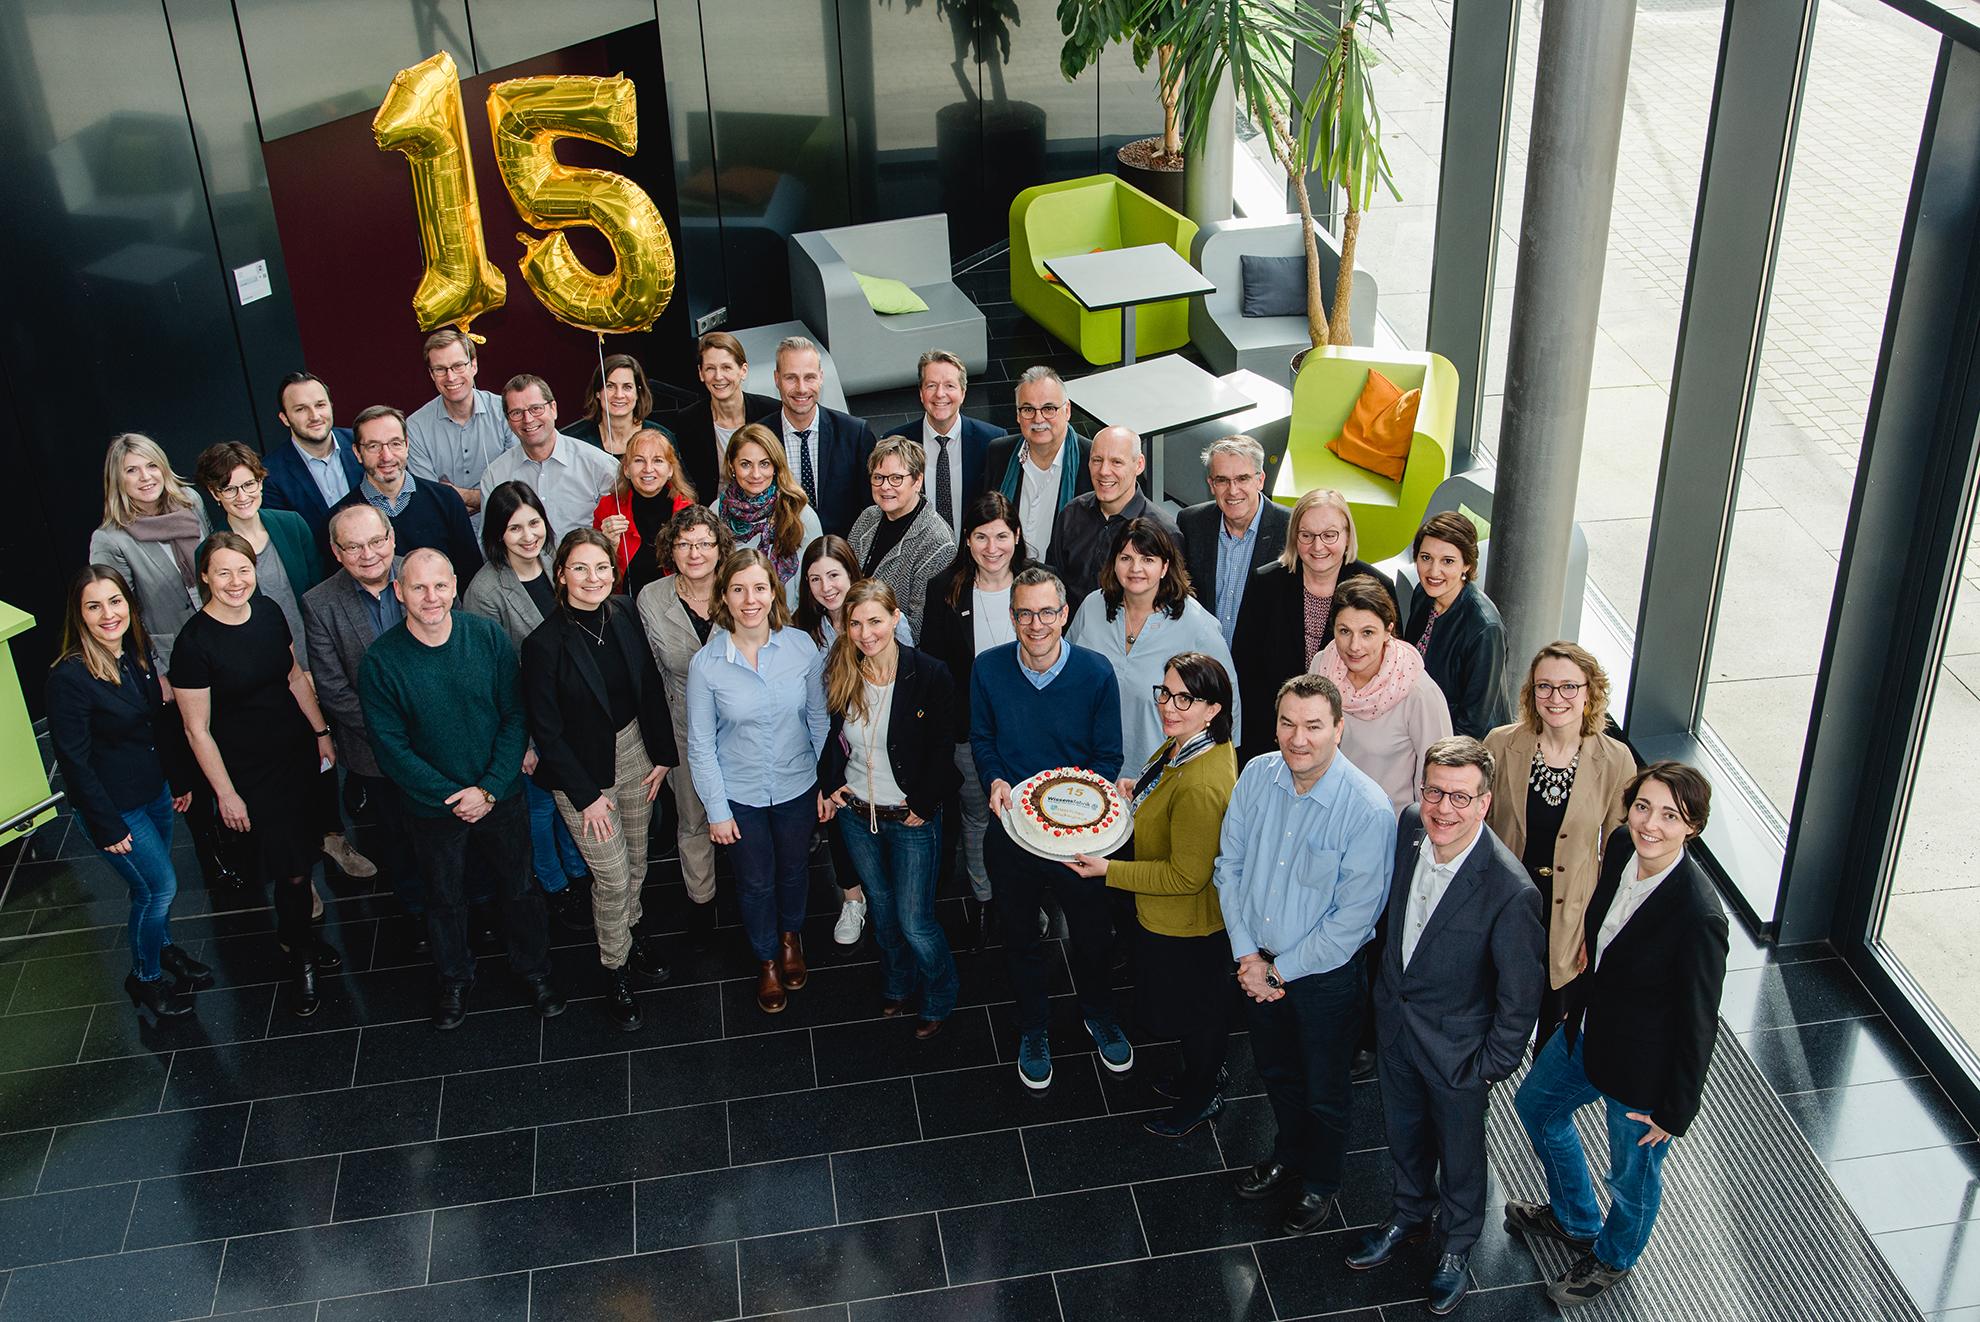 Gruppenfoto zum 15. Geburtstag der Wissensfabrik